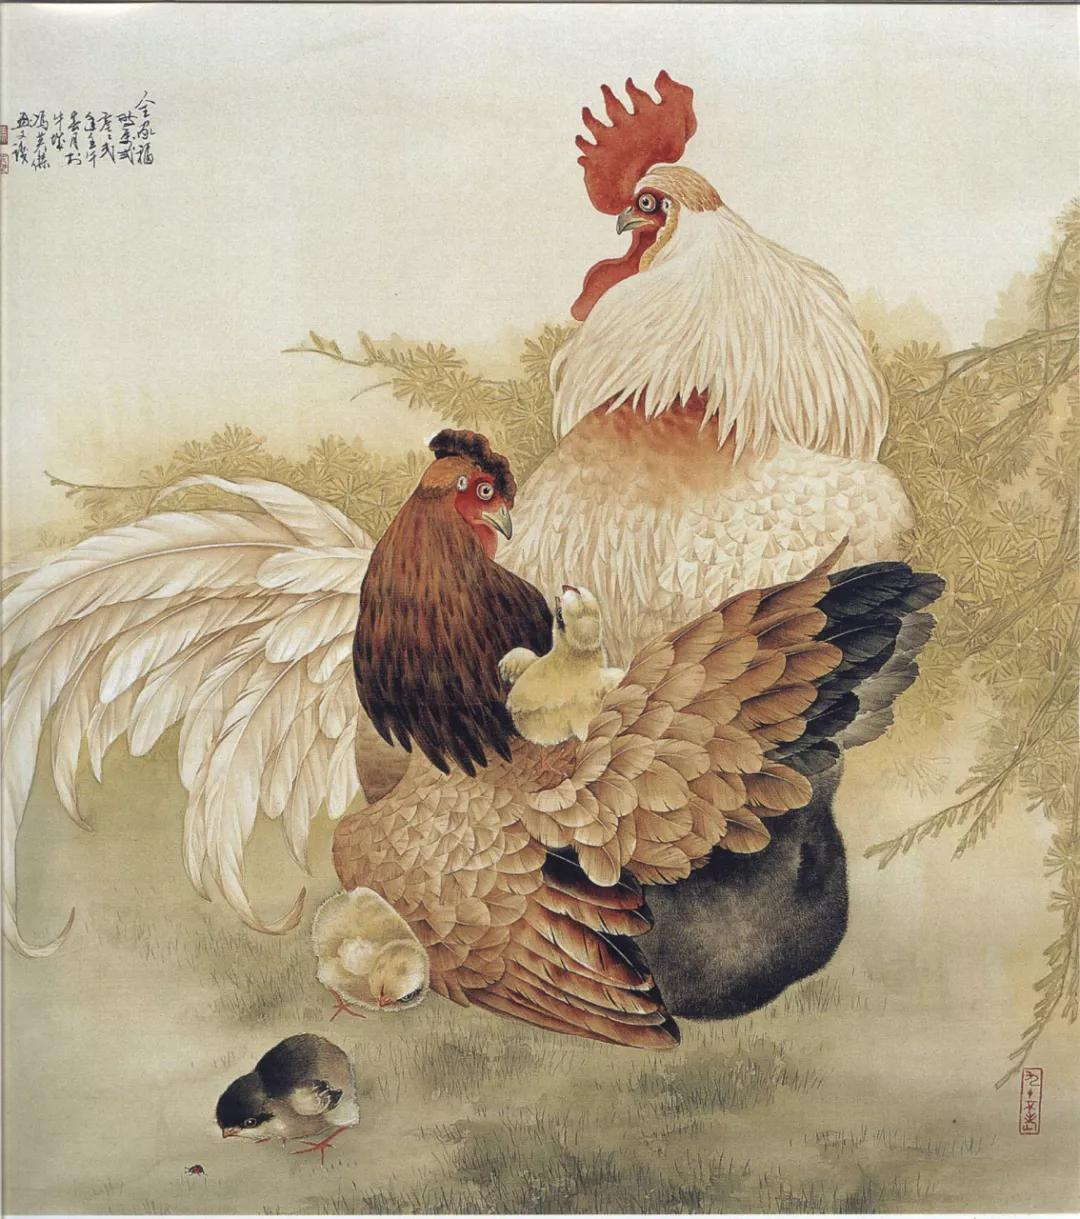 国画大师简直把鸡画活了,这样的画面太精彩看不够